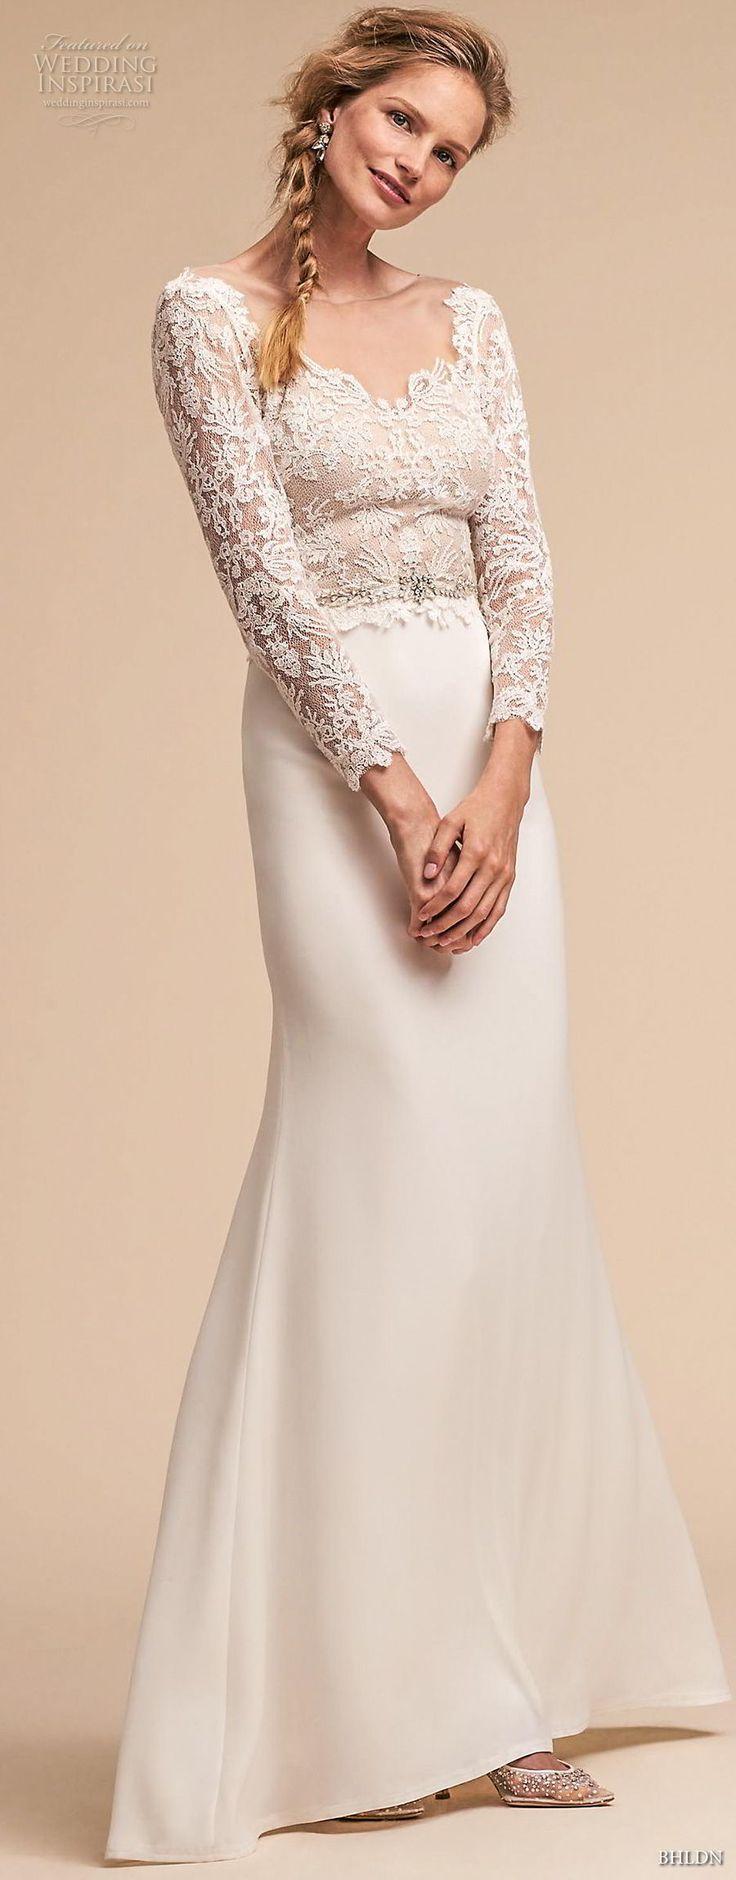 927 besten Hochzeit Bilder auf Pinterest   Braut einladungen ...